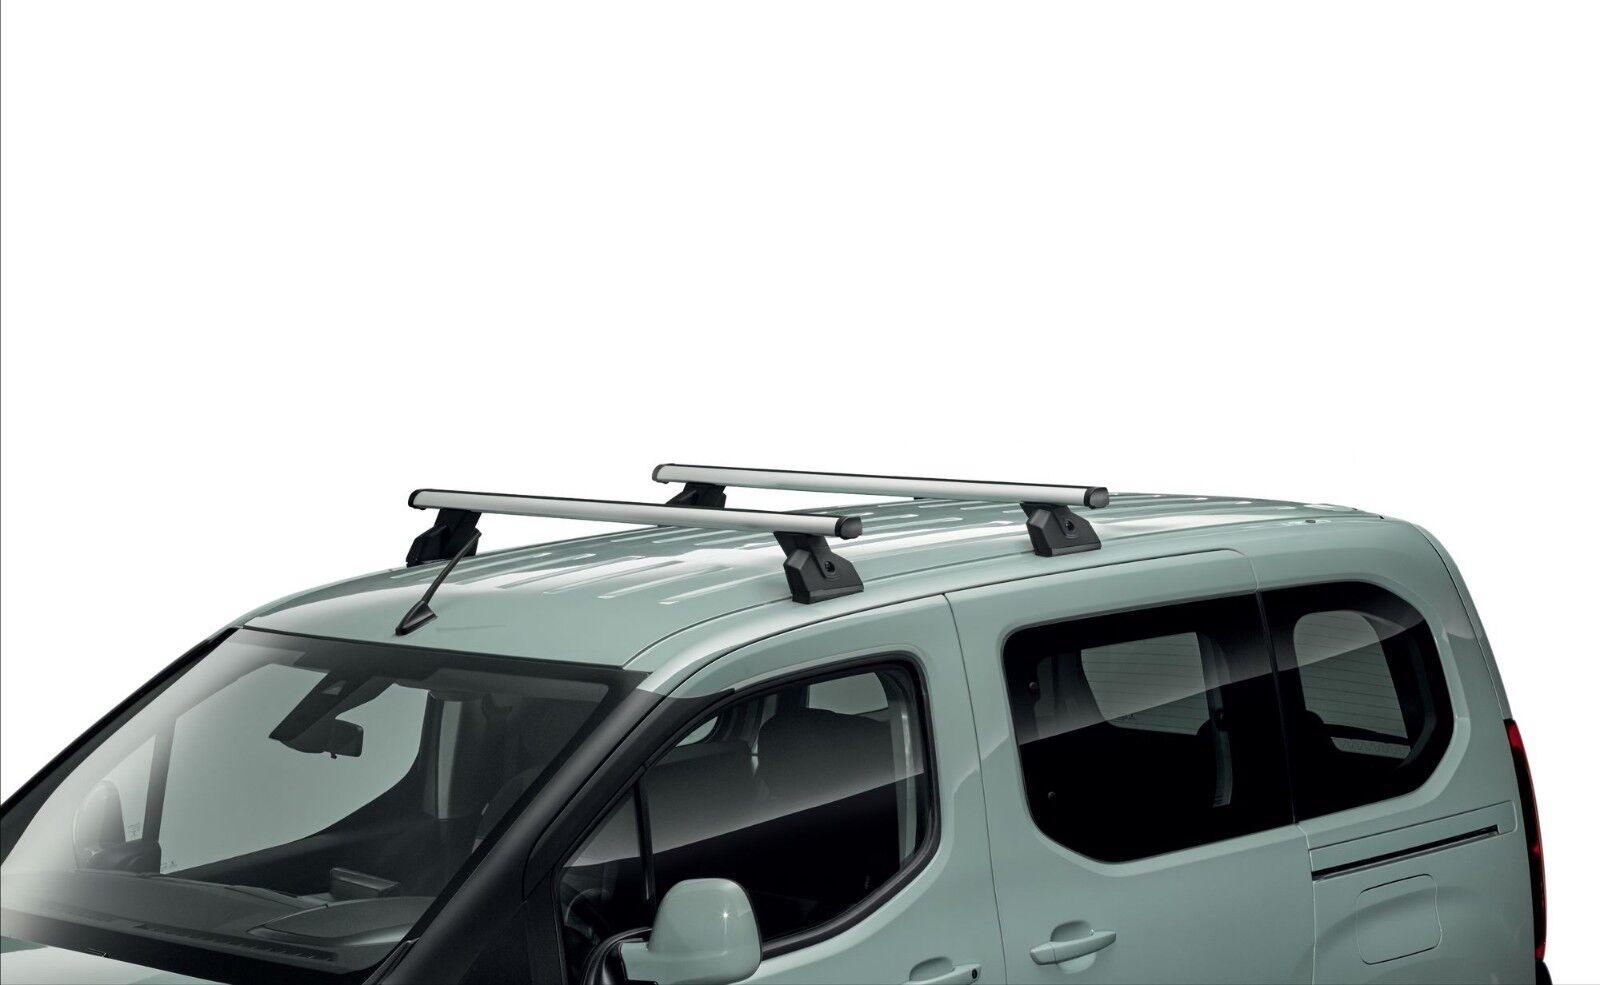 Citroen Berlingo Peugeot Partner 2018 On Roof Bar Kit New